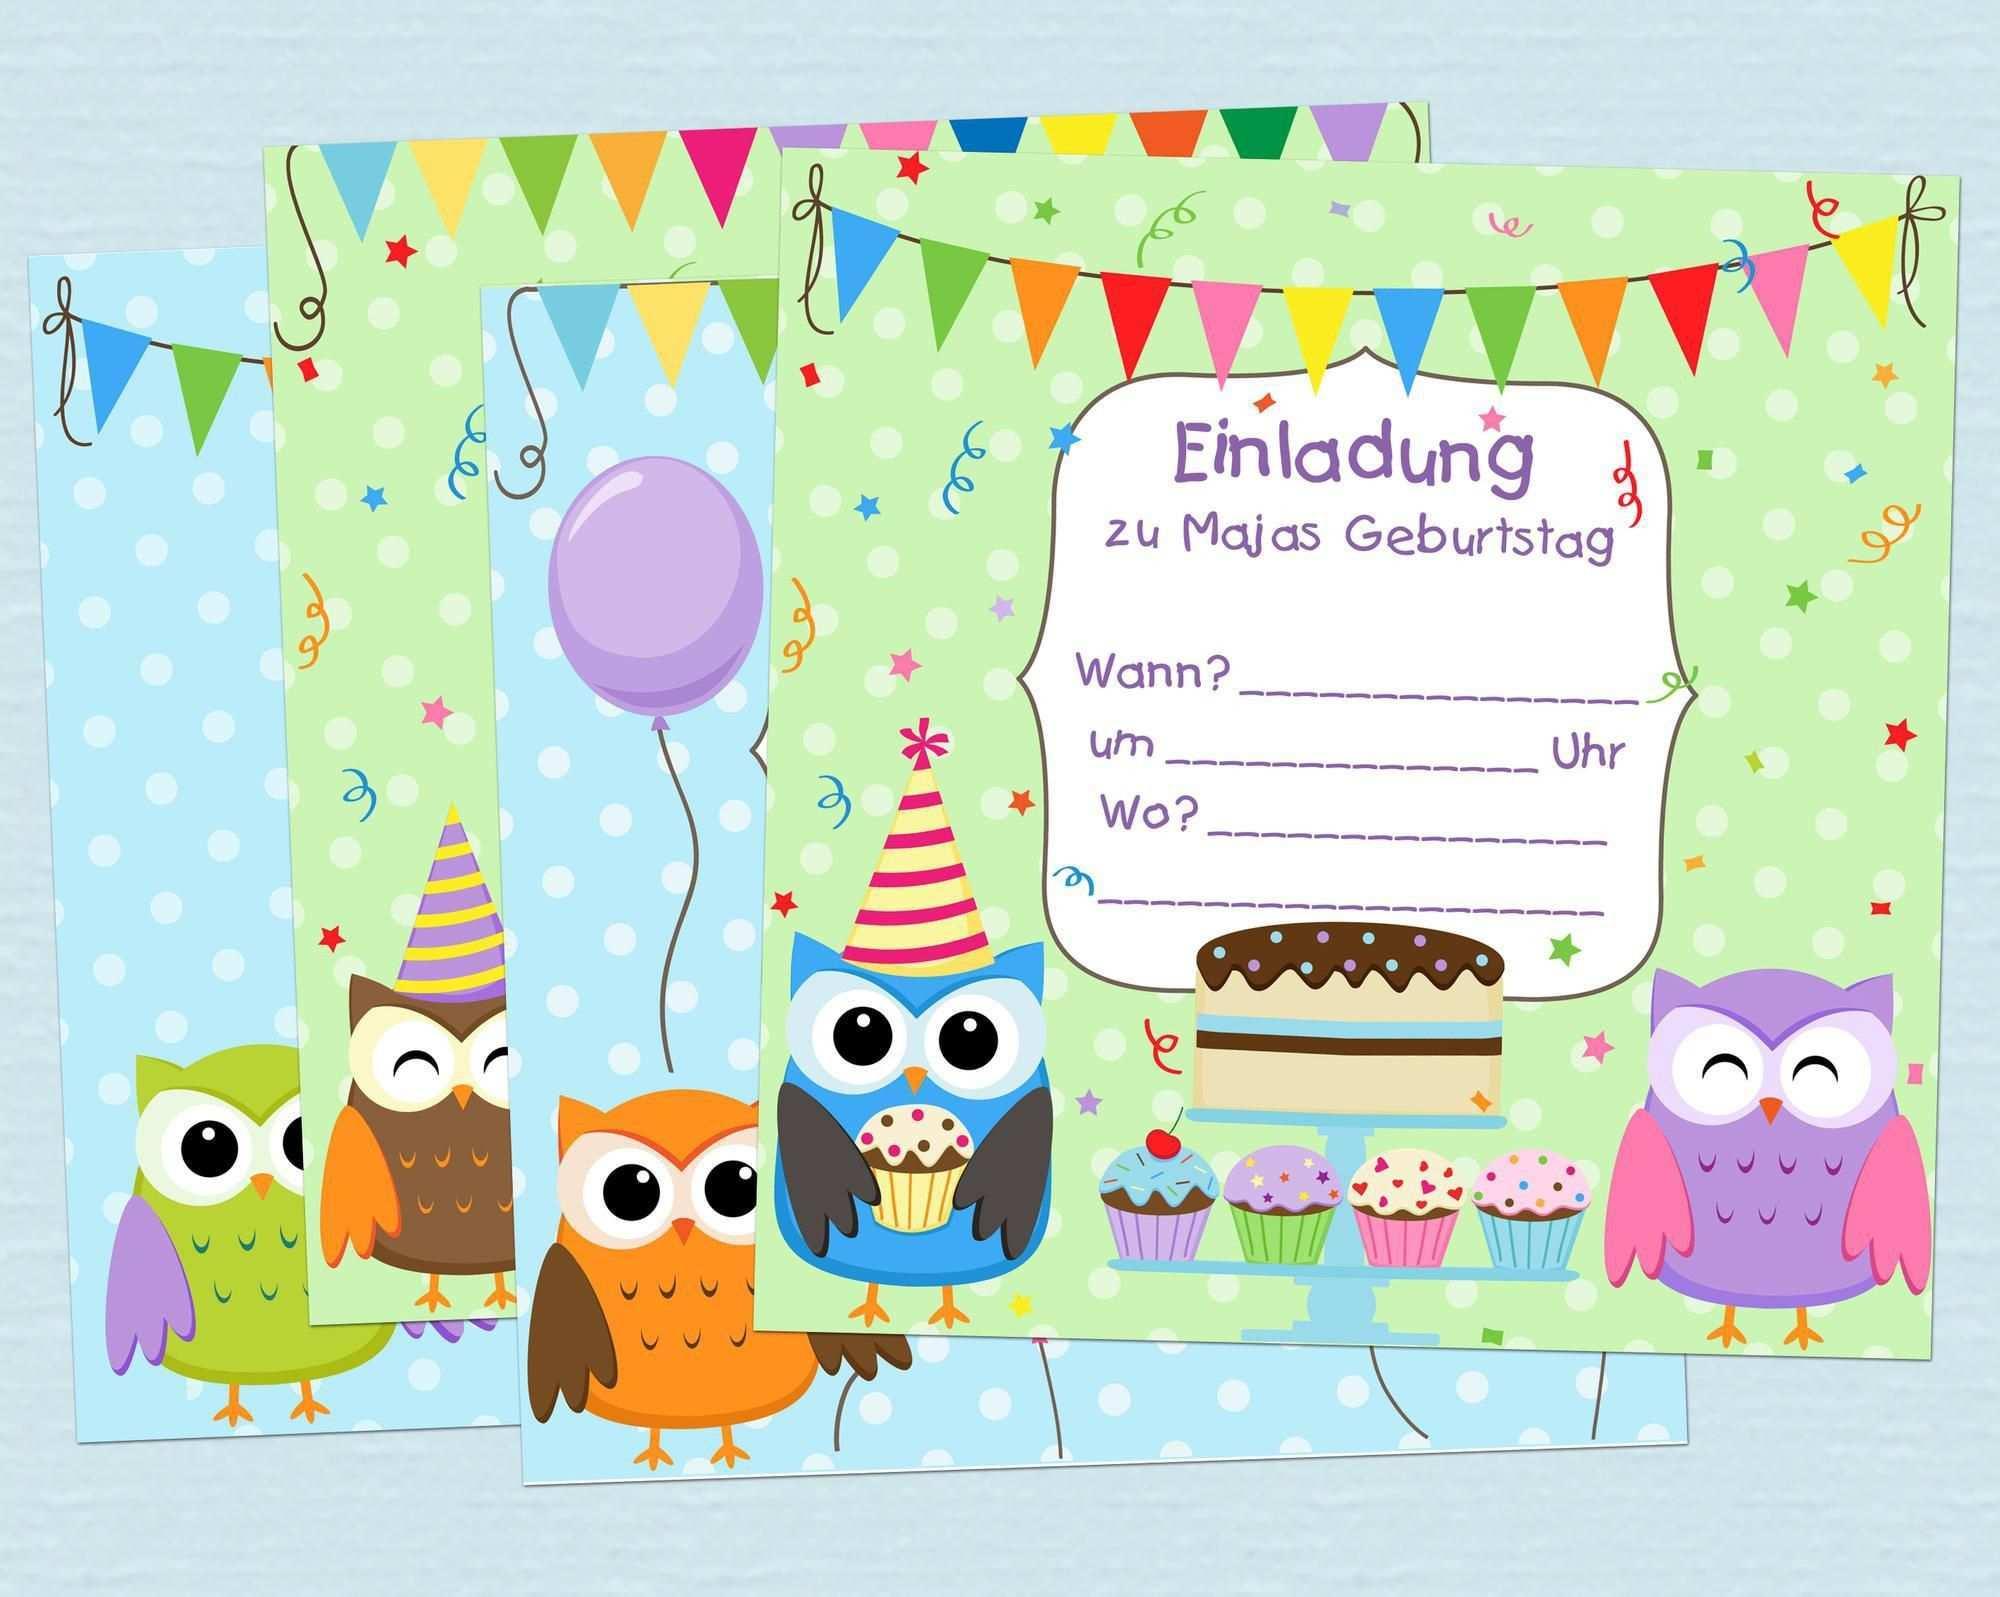 Einladung Kindergeburtstag Text 2 Geburtstag Unique Geburtst Einladungskarten Kindergeburtstag Geburtstags Einladung Kinder Vorlage Einladung Kindergeburtstag